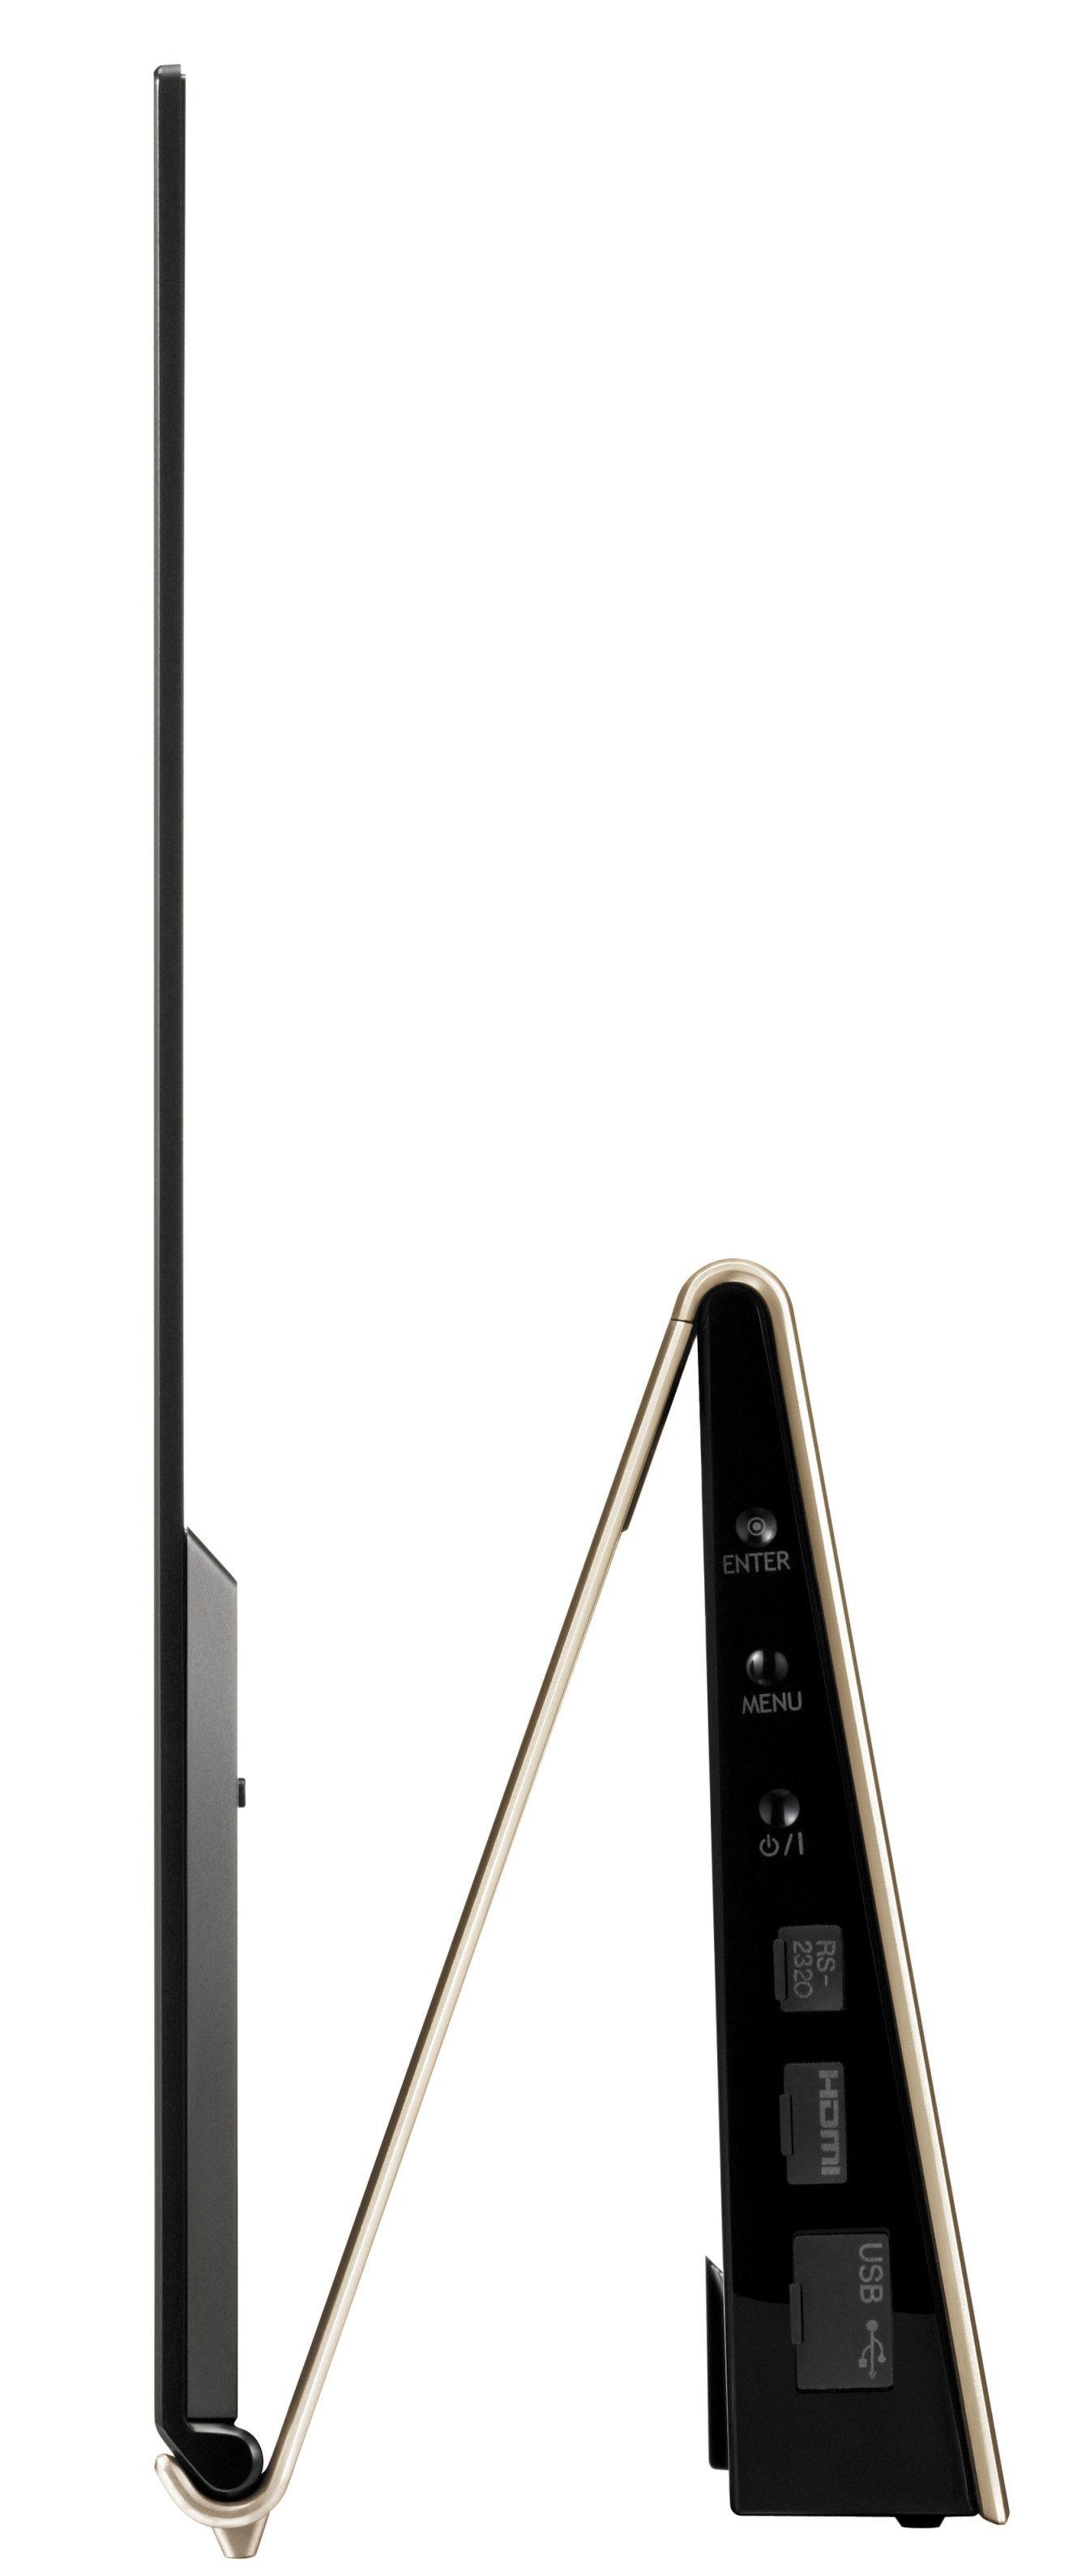 Sylslank profil takket være OLED-teknologien (klikk for større bilde)